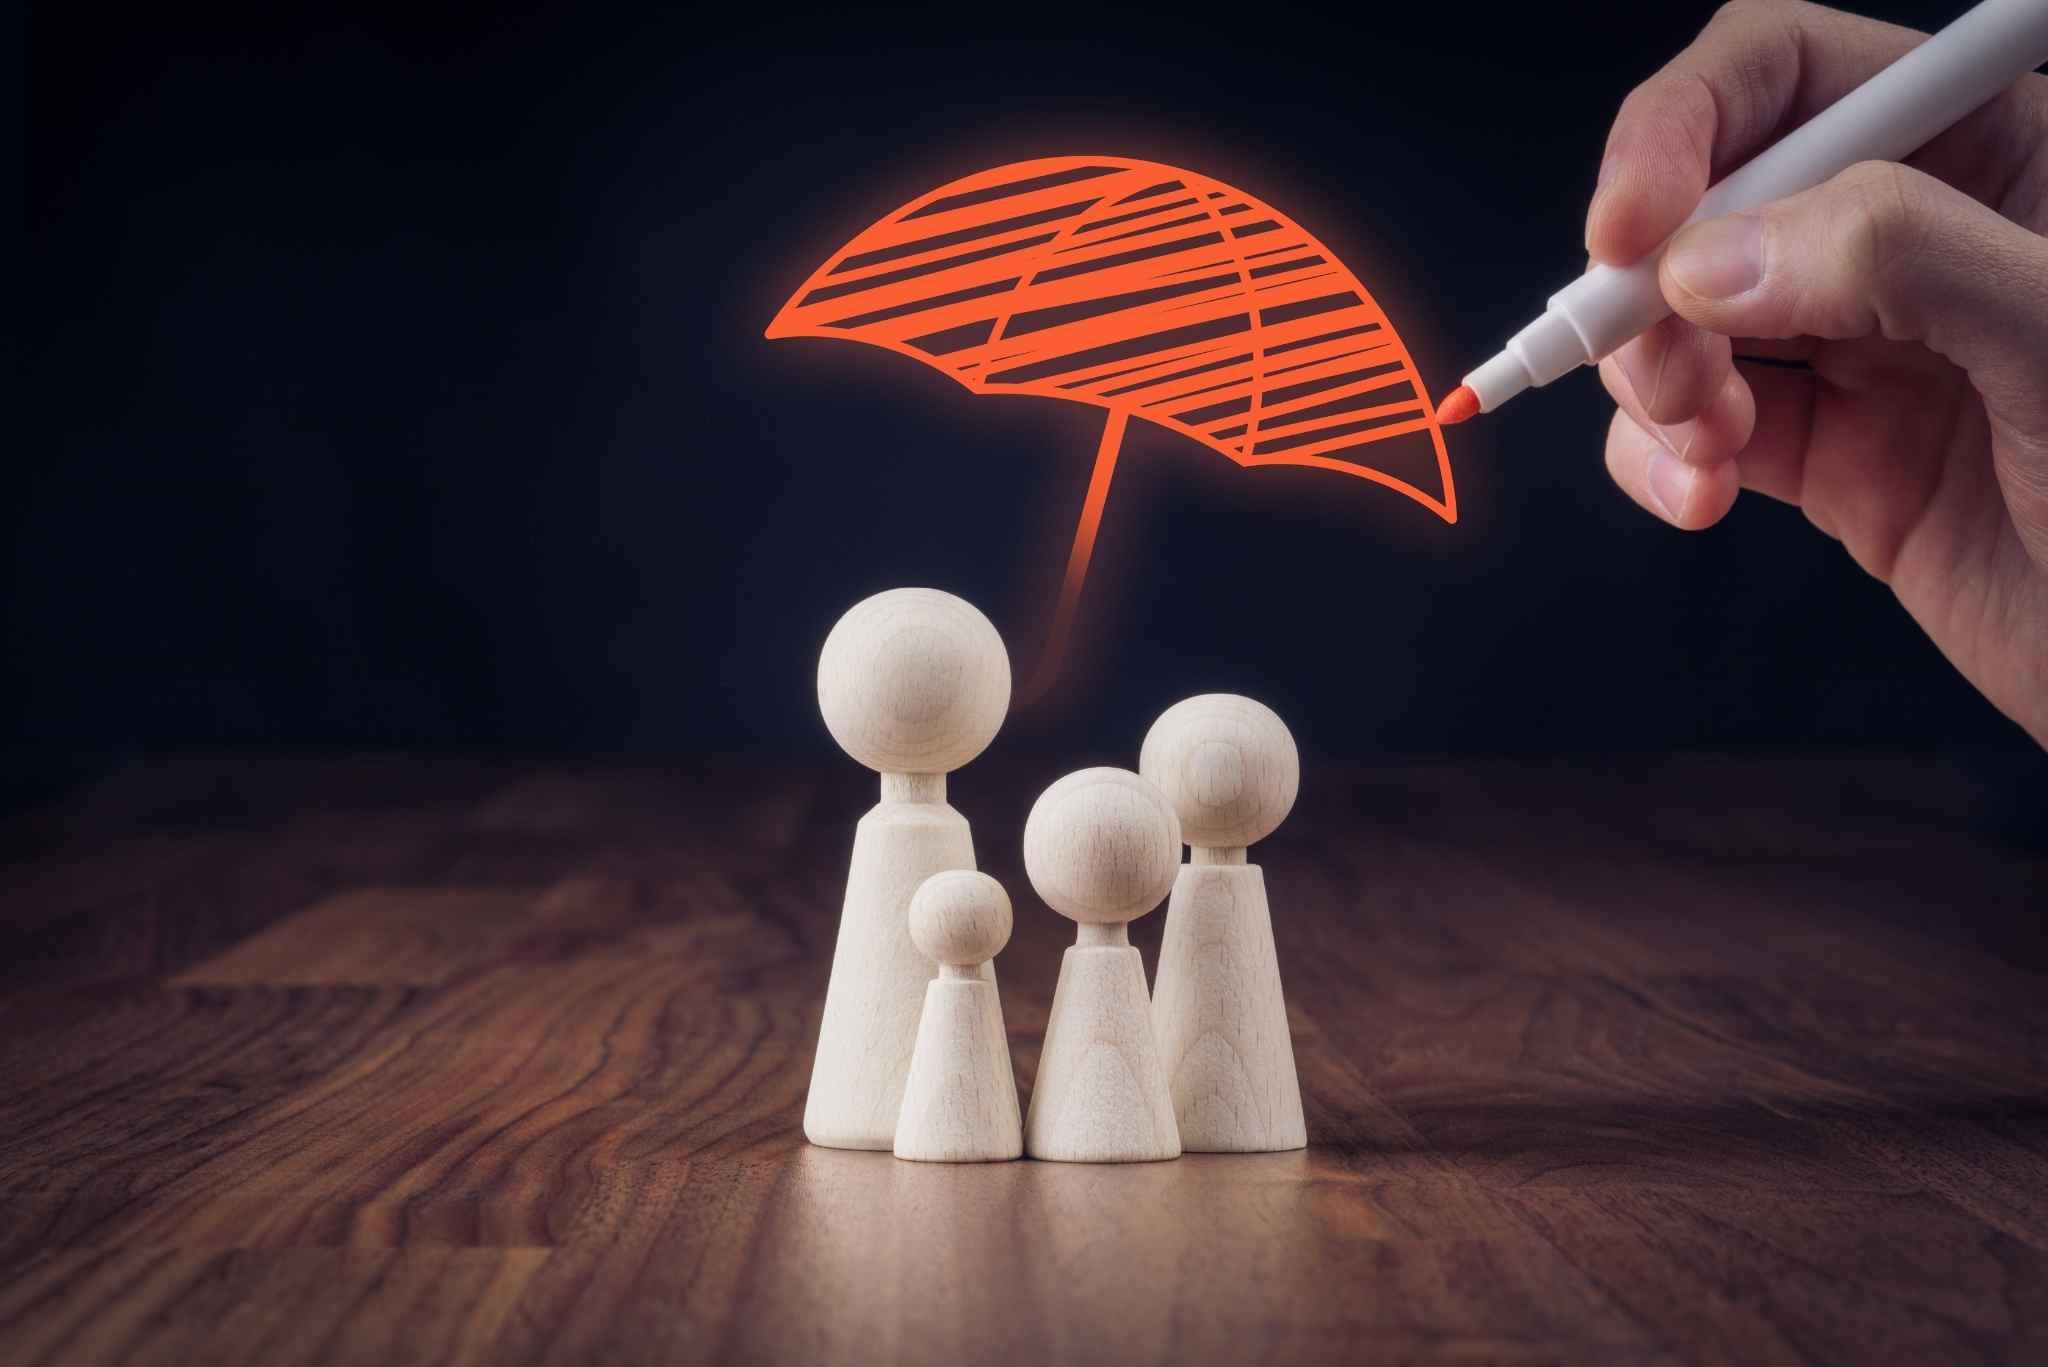 tipos de seguros de vida existentes